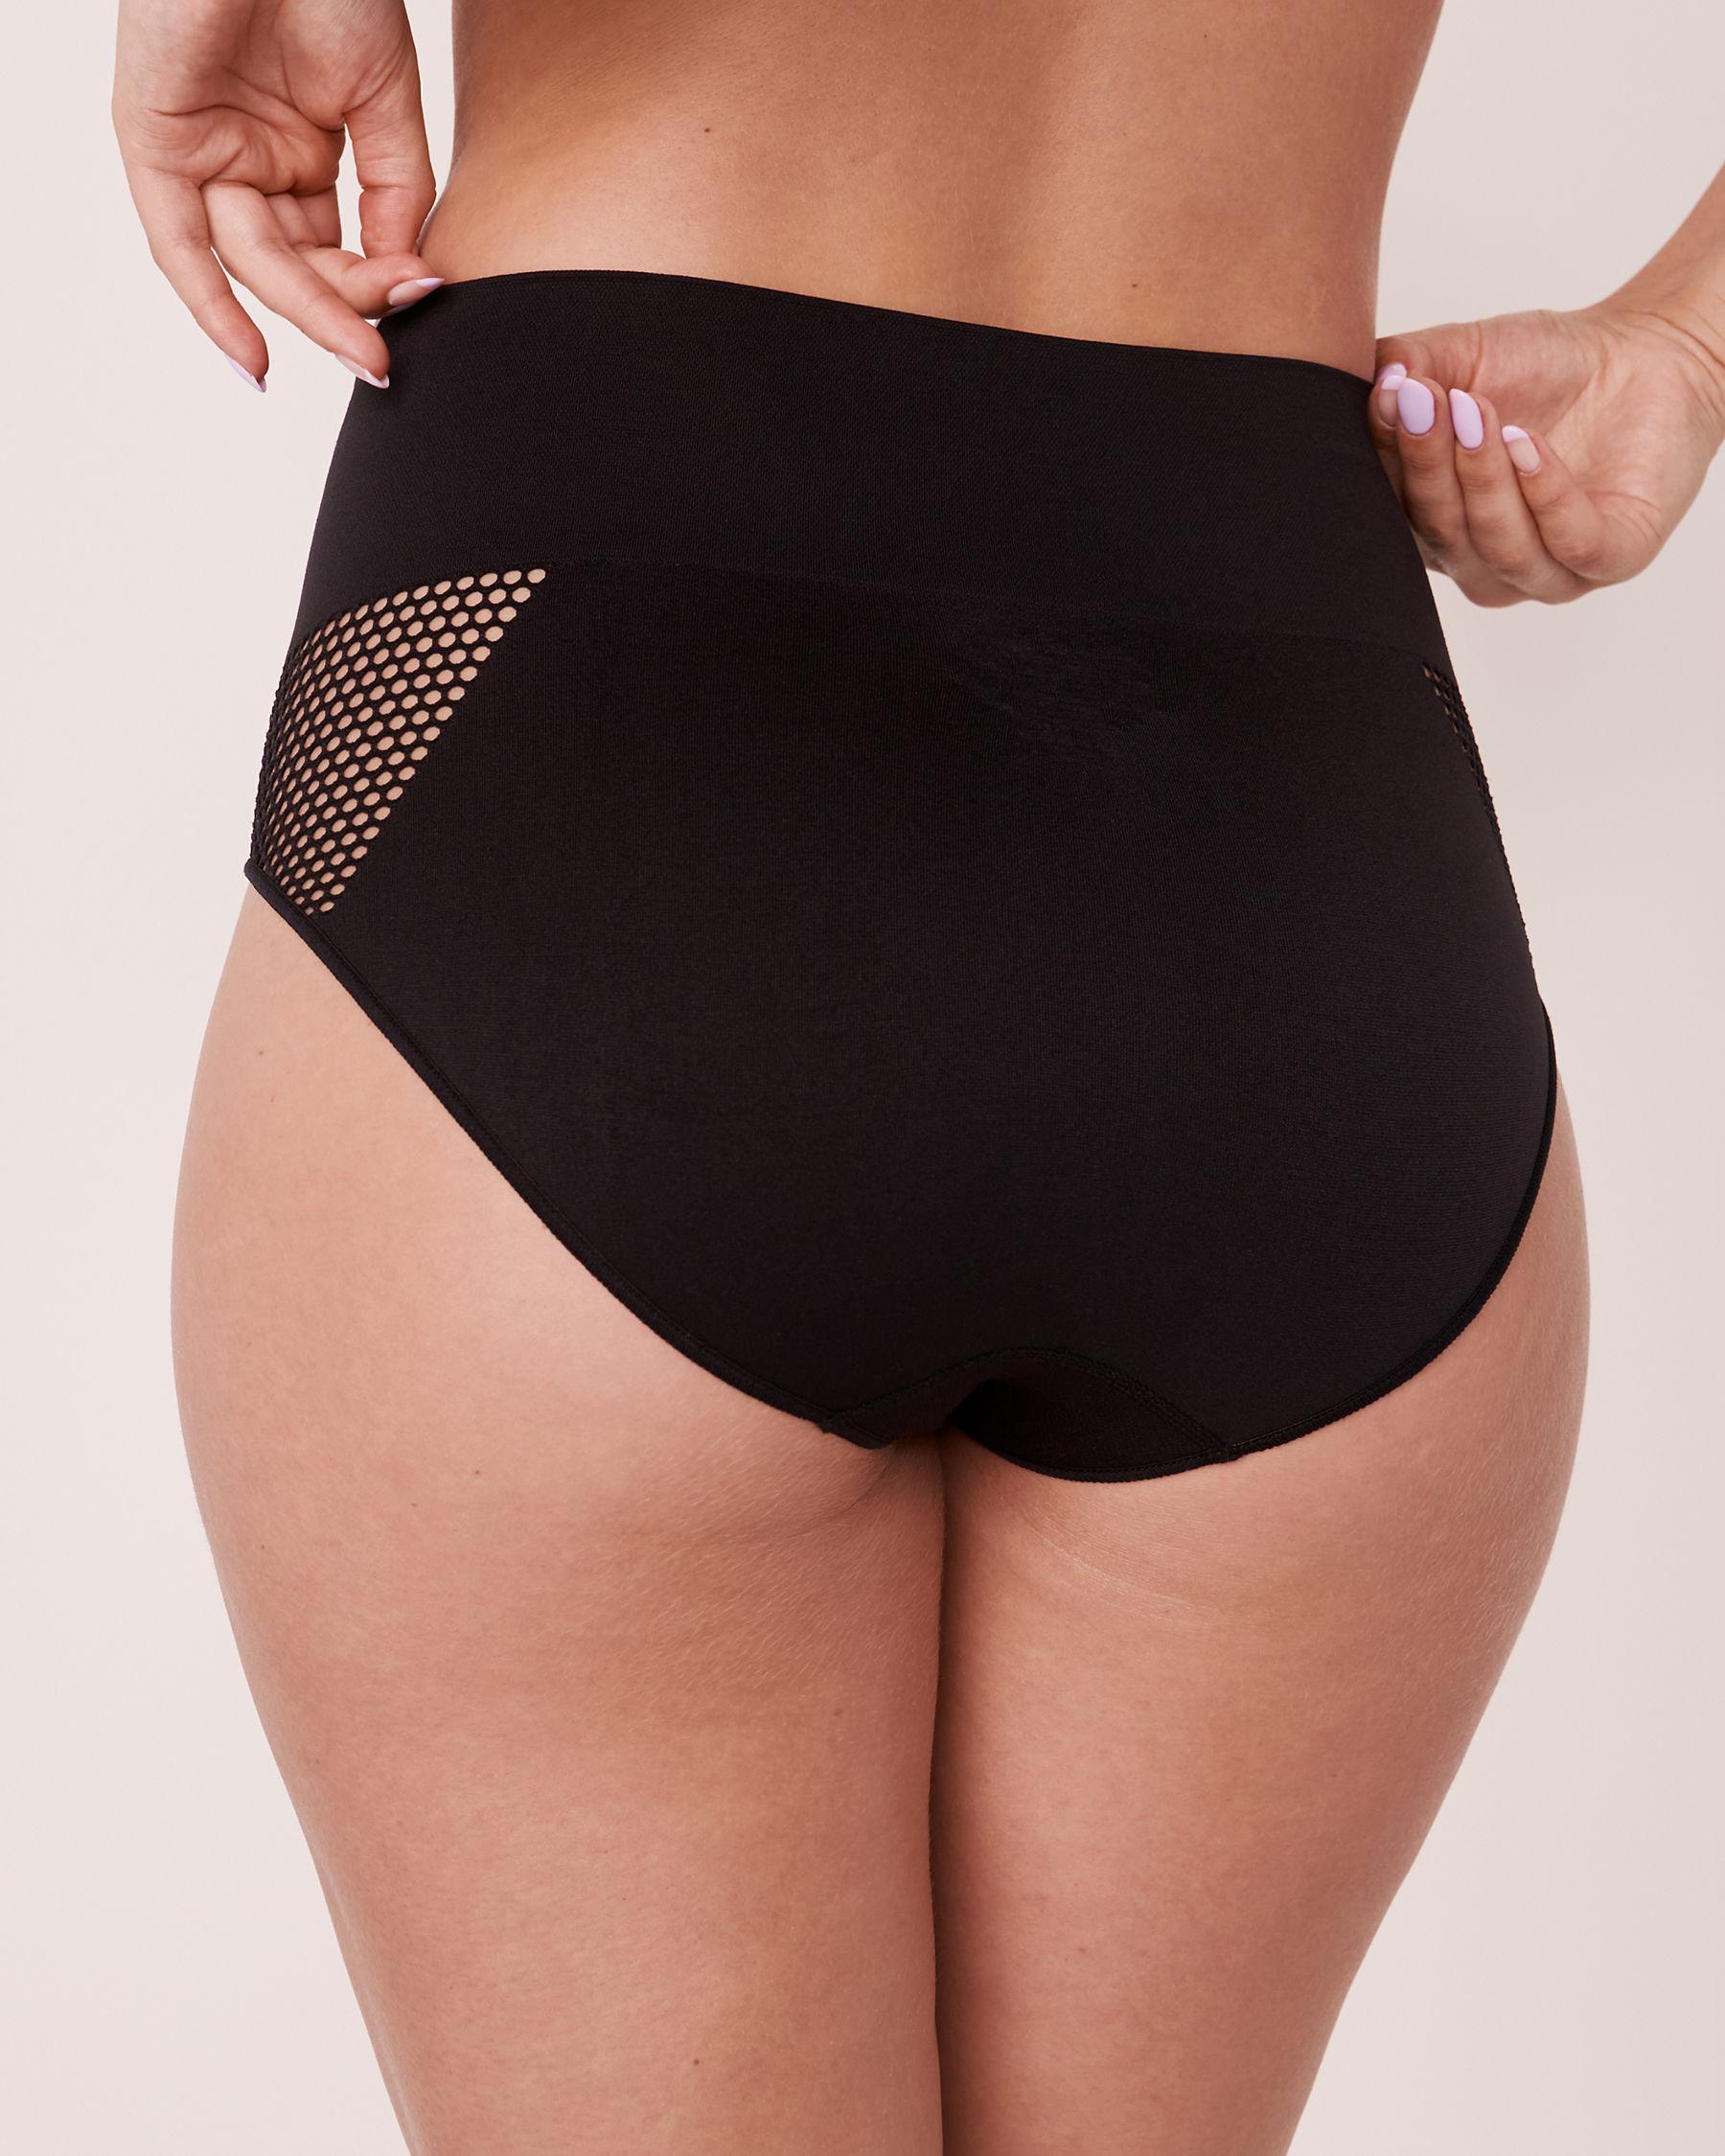 LA VIE EN ROSE Seamless High Waist Bikini Panty Black 20200085 - View2